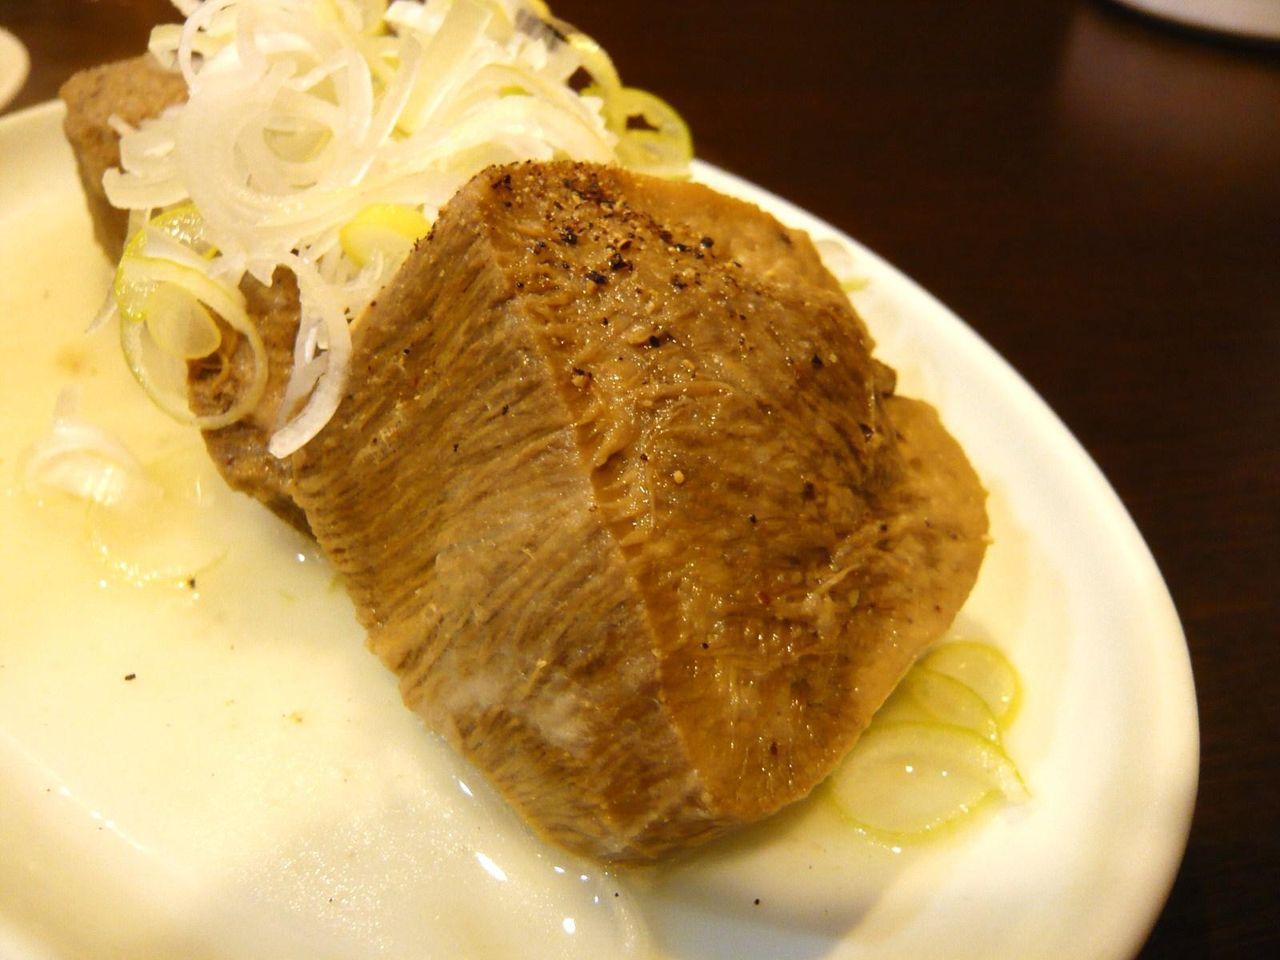 やわらかく煮込まれてコンビーフのような、ゆでタン950円